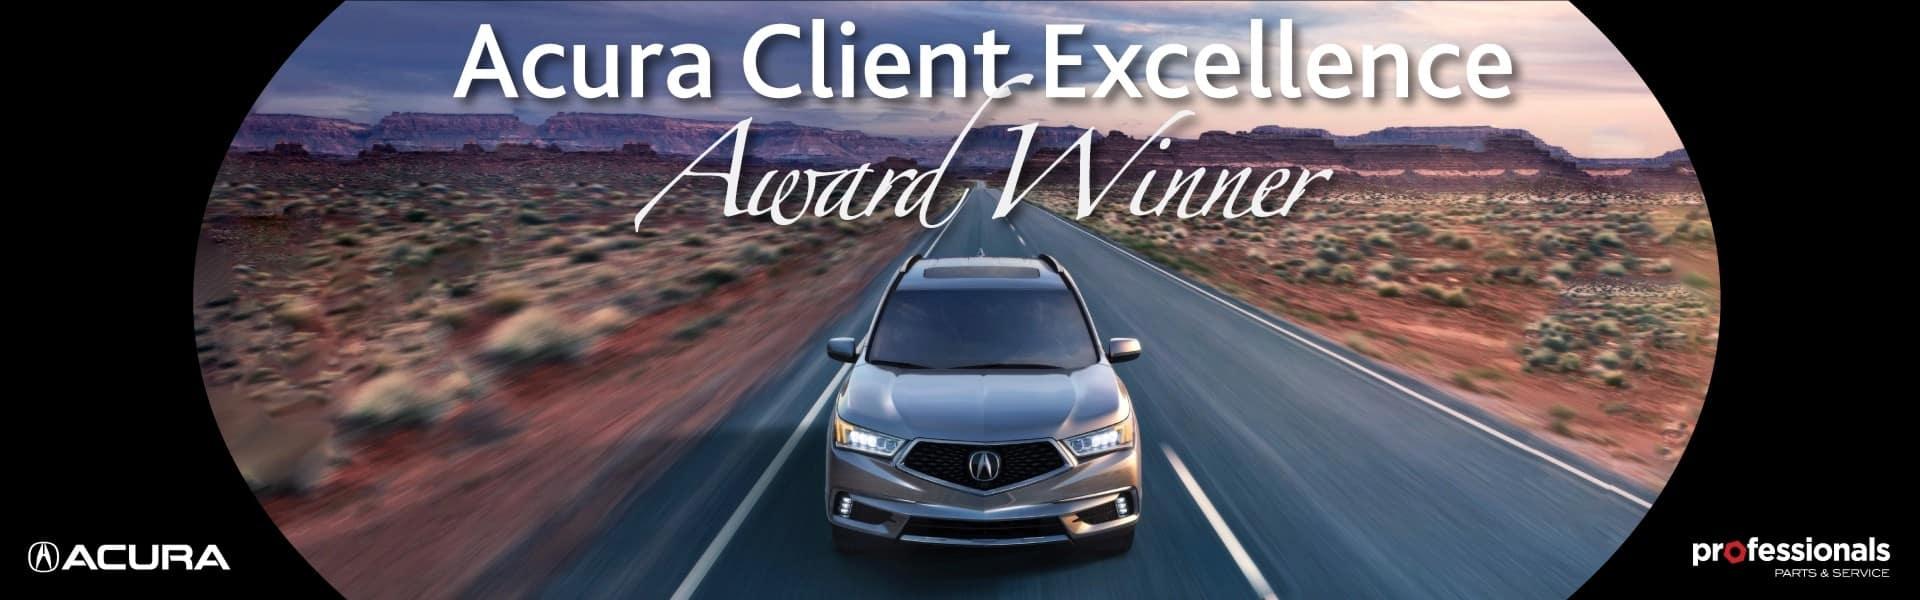 Acura Rdx Vs Honda Crv >> Hubler Acura | Acura Dealer in Greenwood, IN